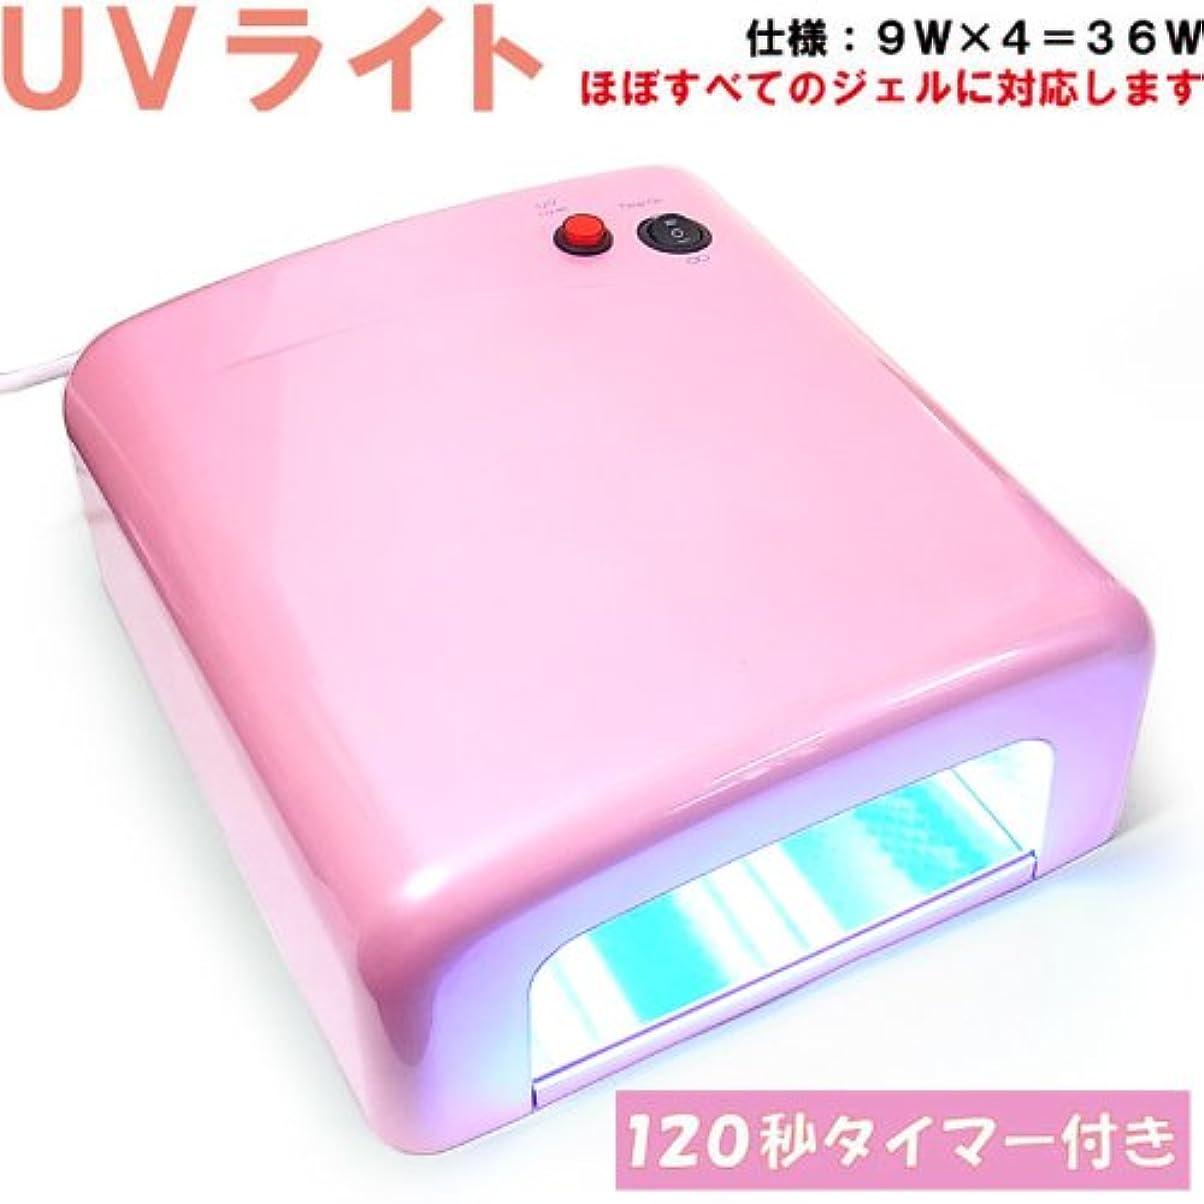 精神的に不従順ナチュラルジェルネイル用UVライト36W(電球9W×4本付き)UVランプ【ピンク】